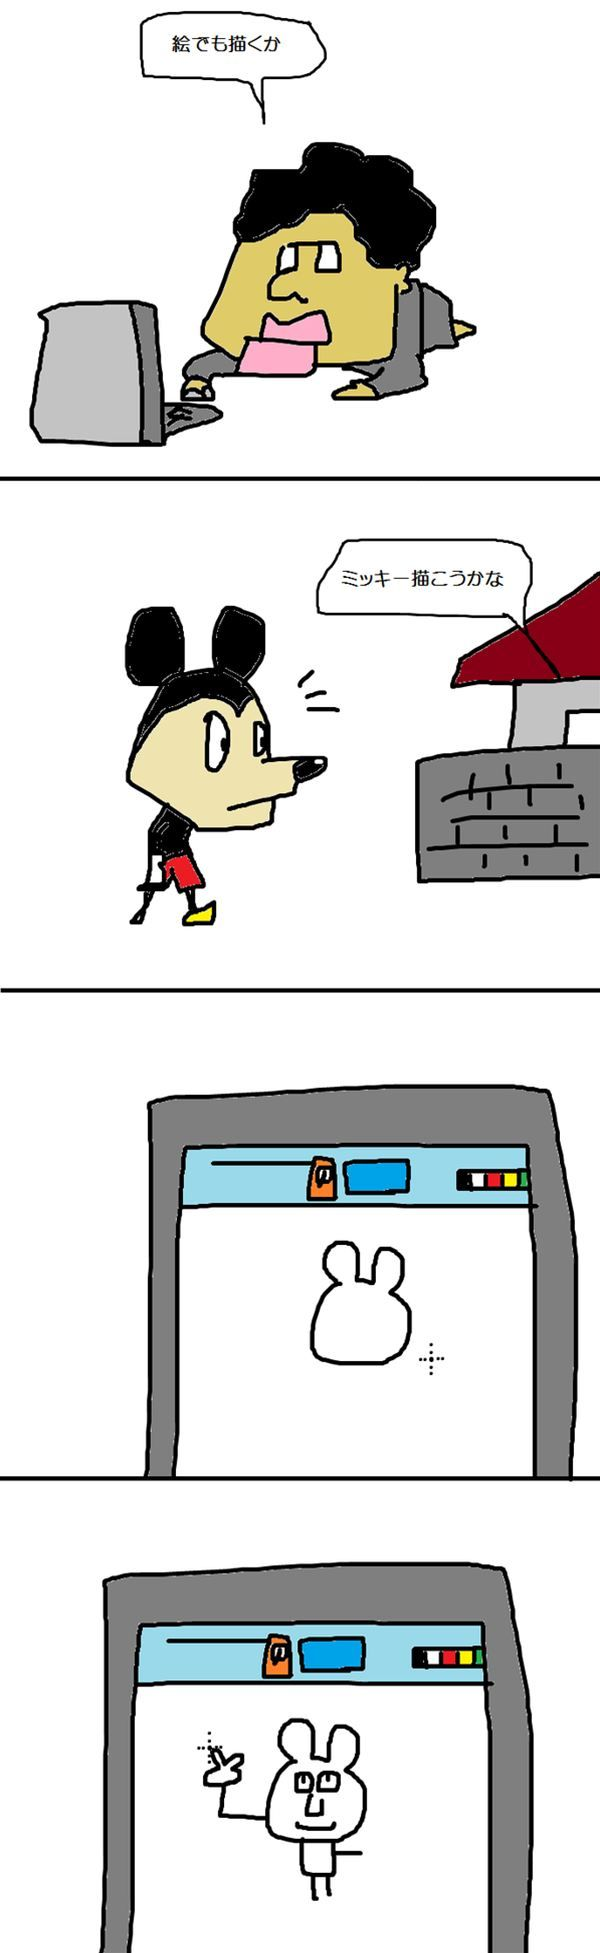 1退屈先生-●ッキー